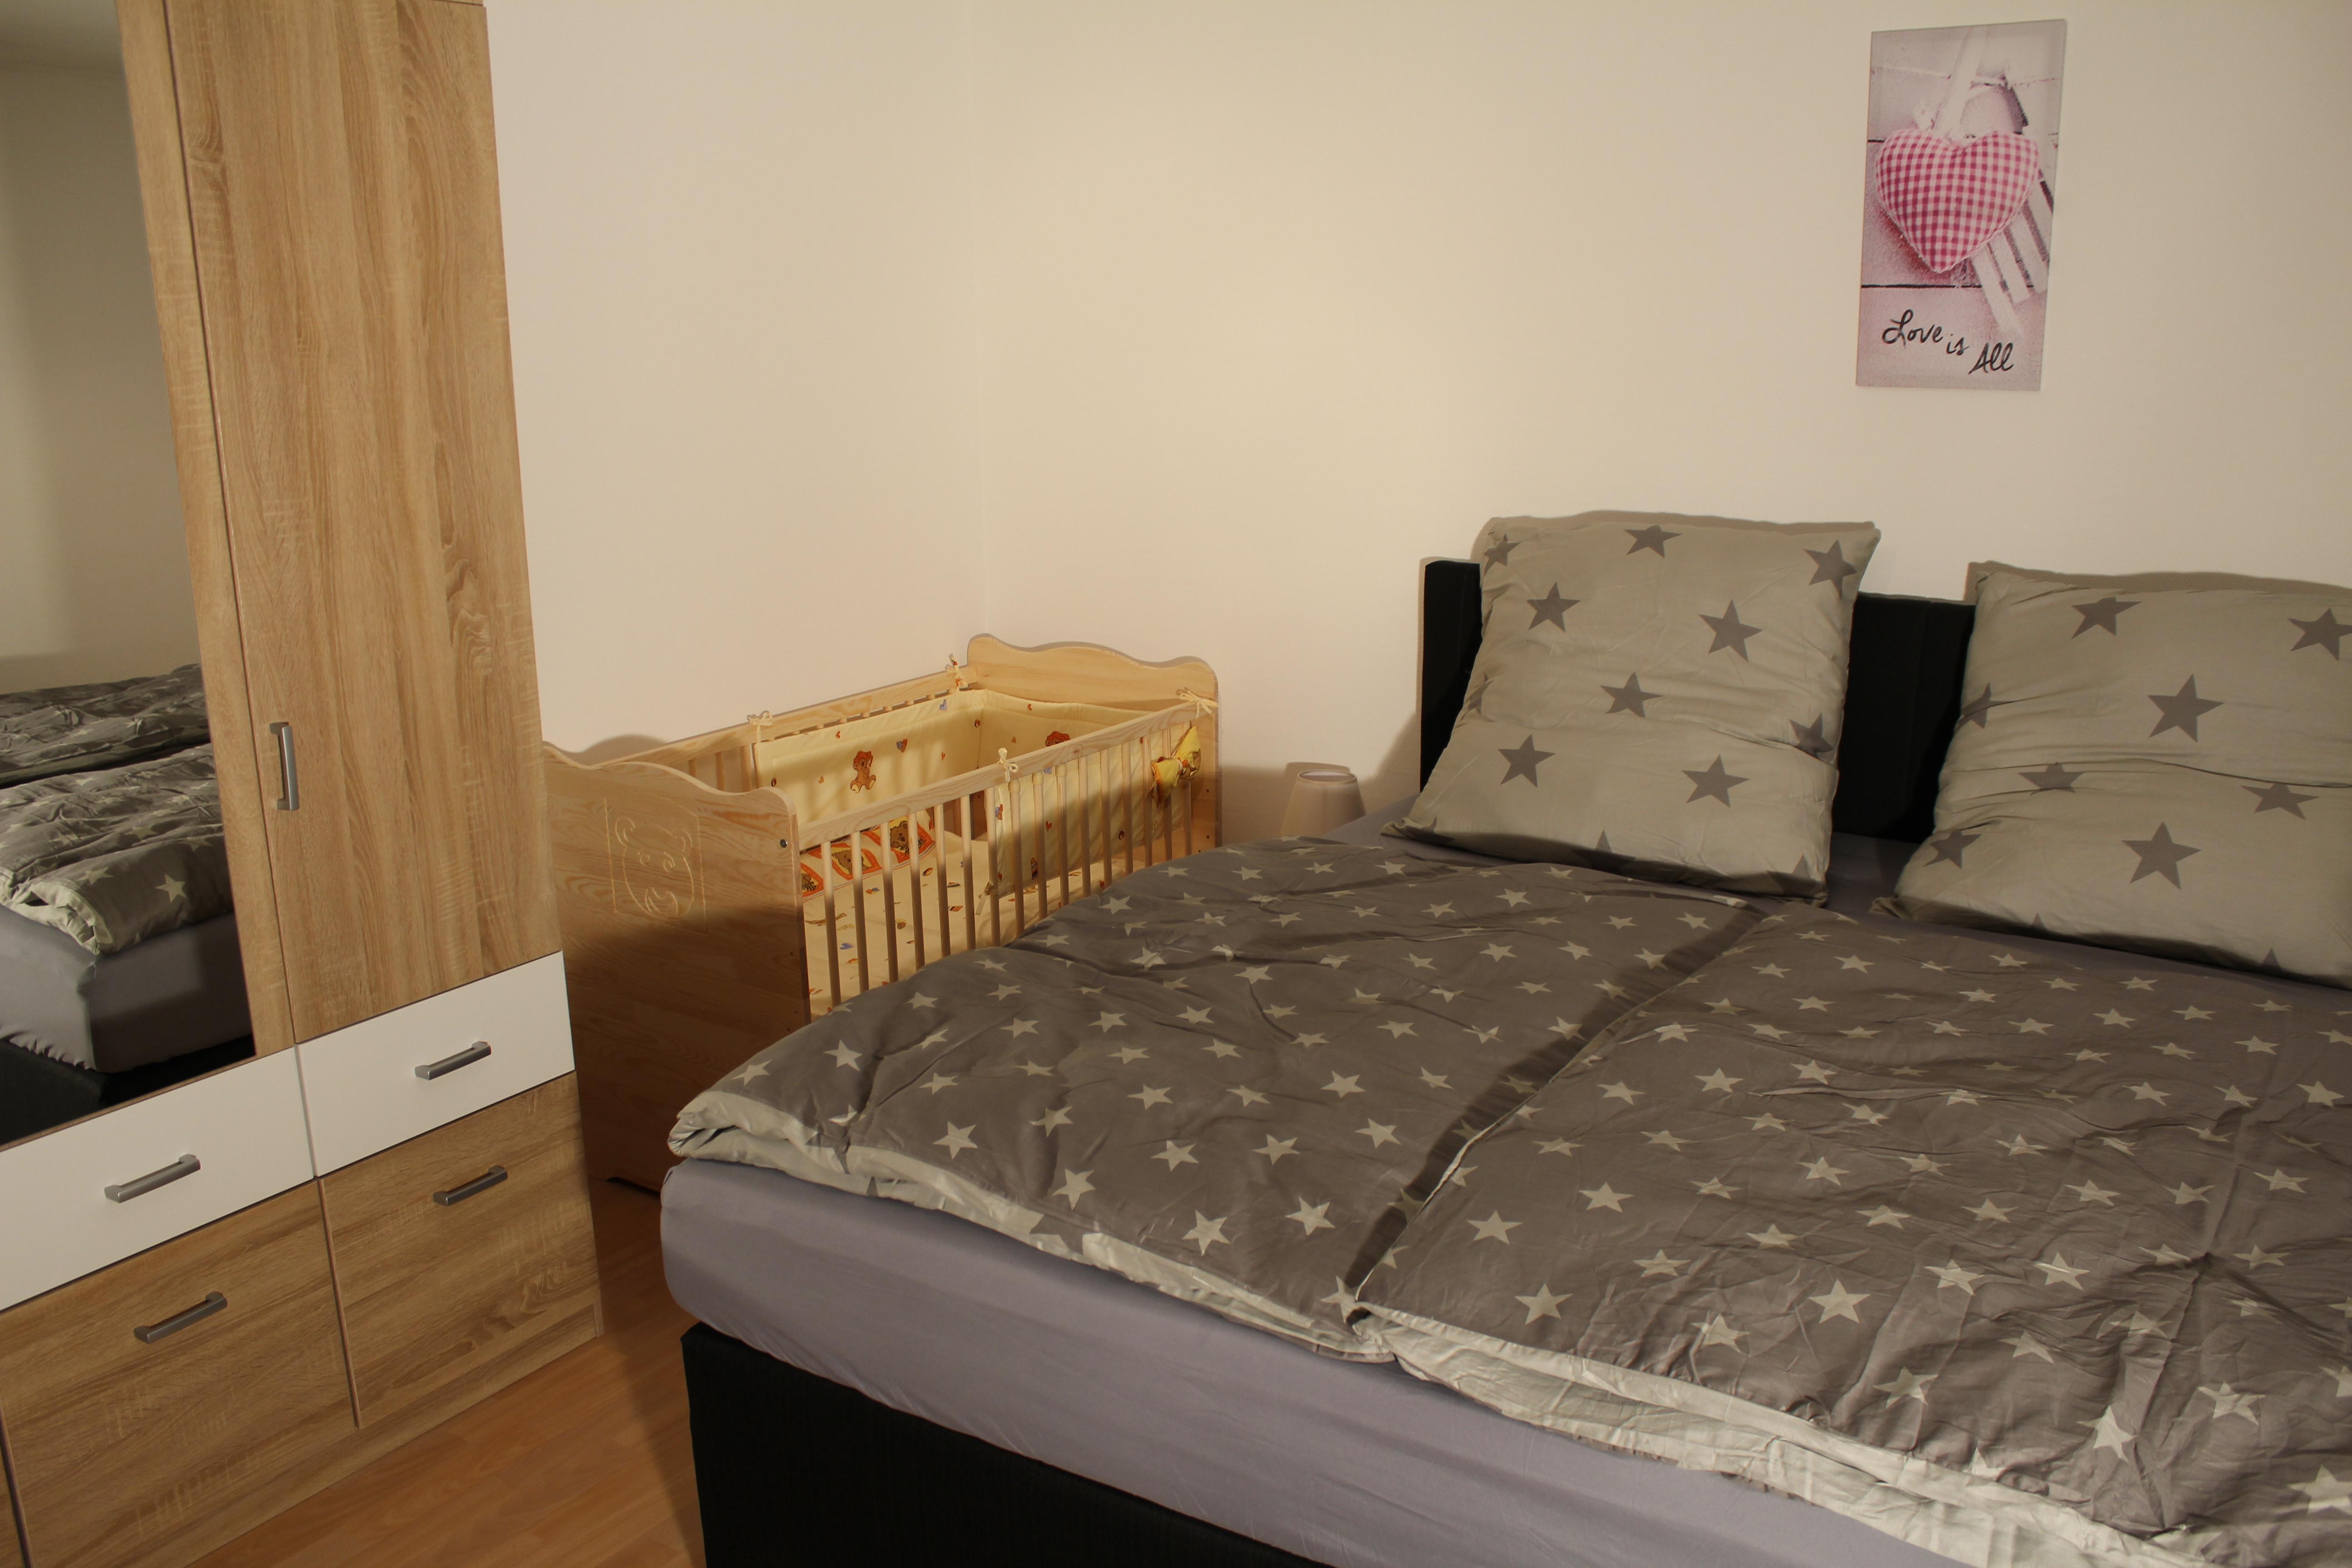 Sternenhimmel schlafzimmer schlafzimmer schr ge wand karierte bettw sche landhausstil - Sternenhimmel schlafzimmer ...